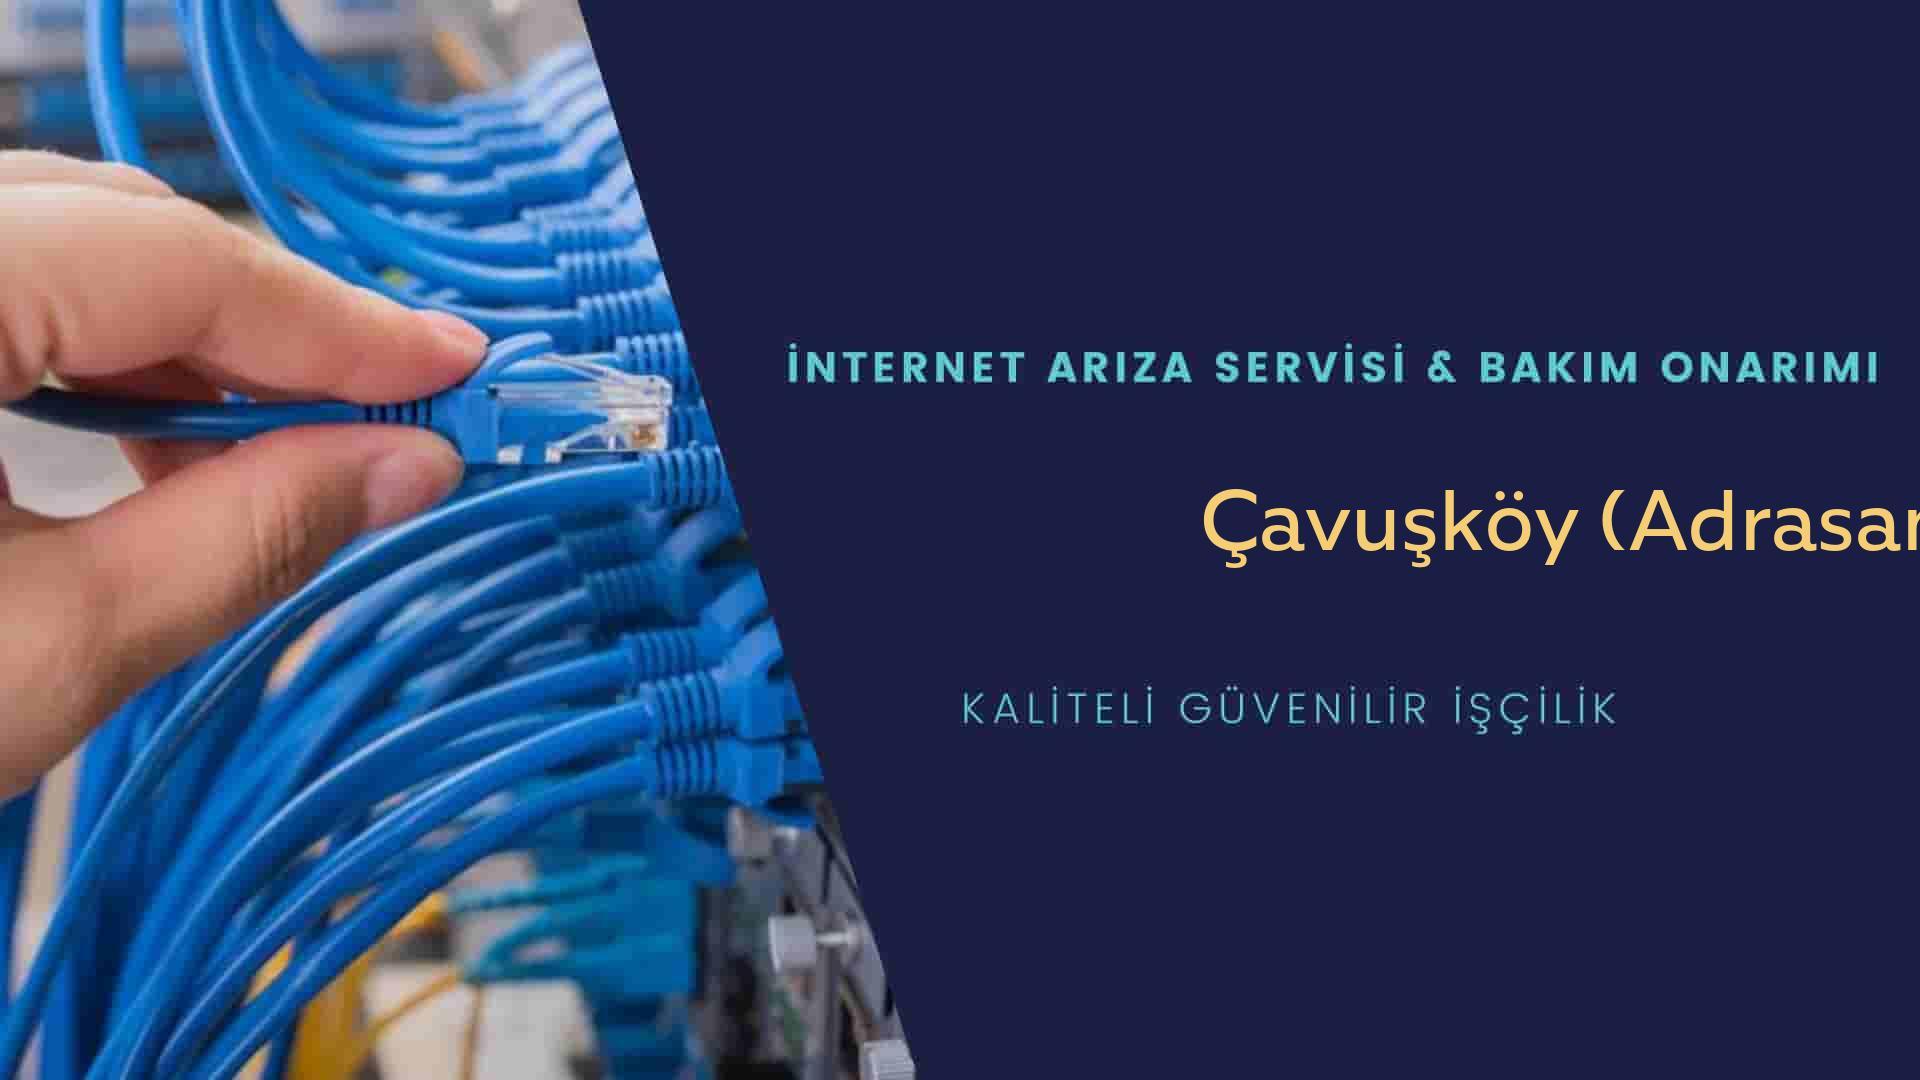 Çavuşköy (Adrasan) internet kablosu çekimi yapan yerler veya elektrikçiler mi? arıyorsunuz doğru yerdesiniz o zaman sizlere 7/24 yardımcı olacak profesyonel ustalarımız bir telefon kadar yakındır size.